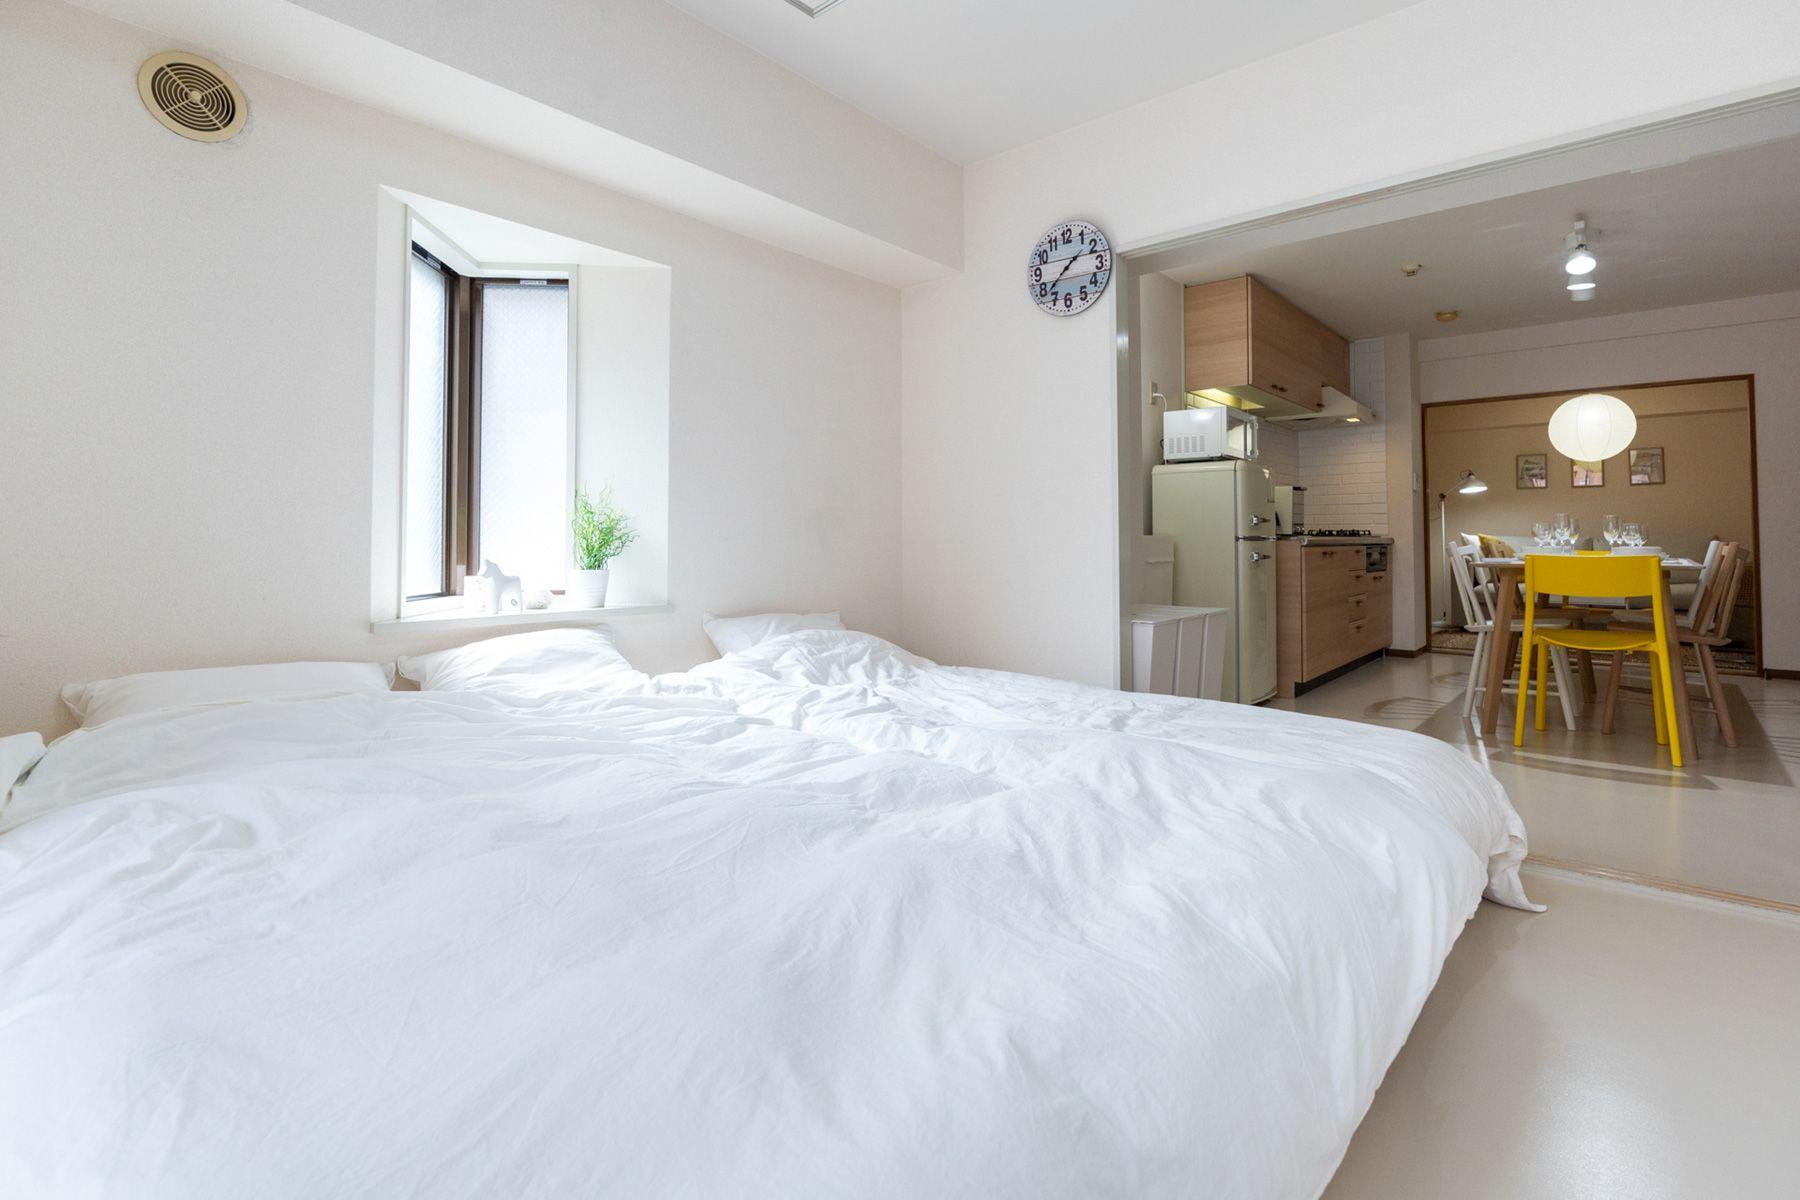 横浜第1スタジオベッドルーム&キッチン